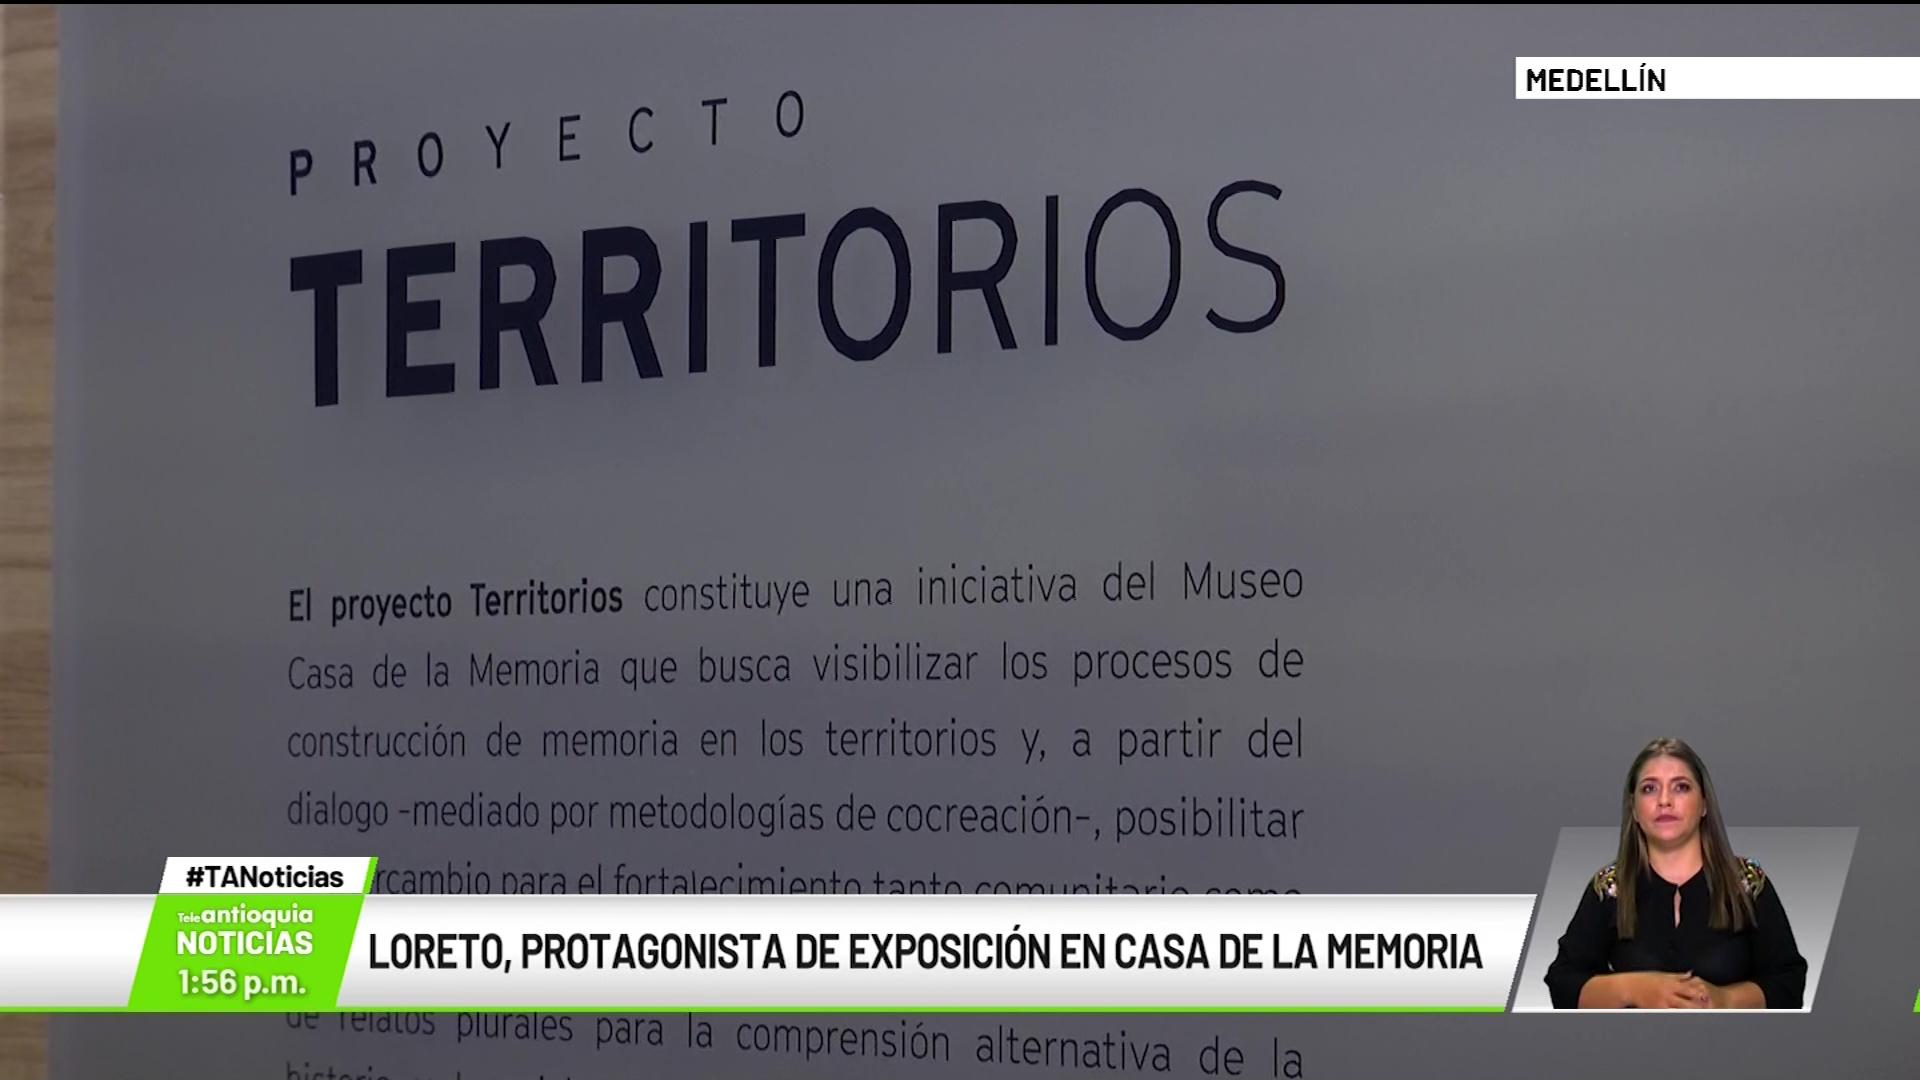 Loreto, protagonista de exposición en Casa de la Memoria